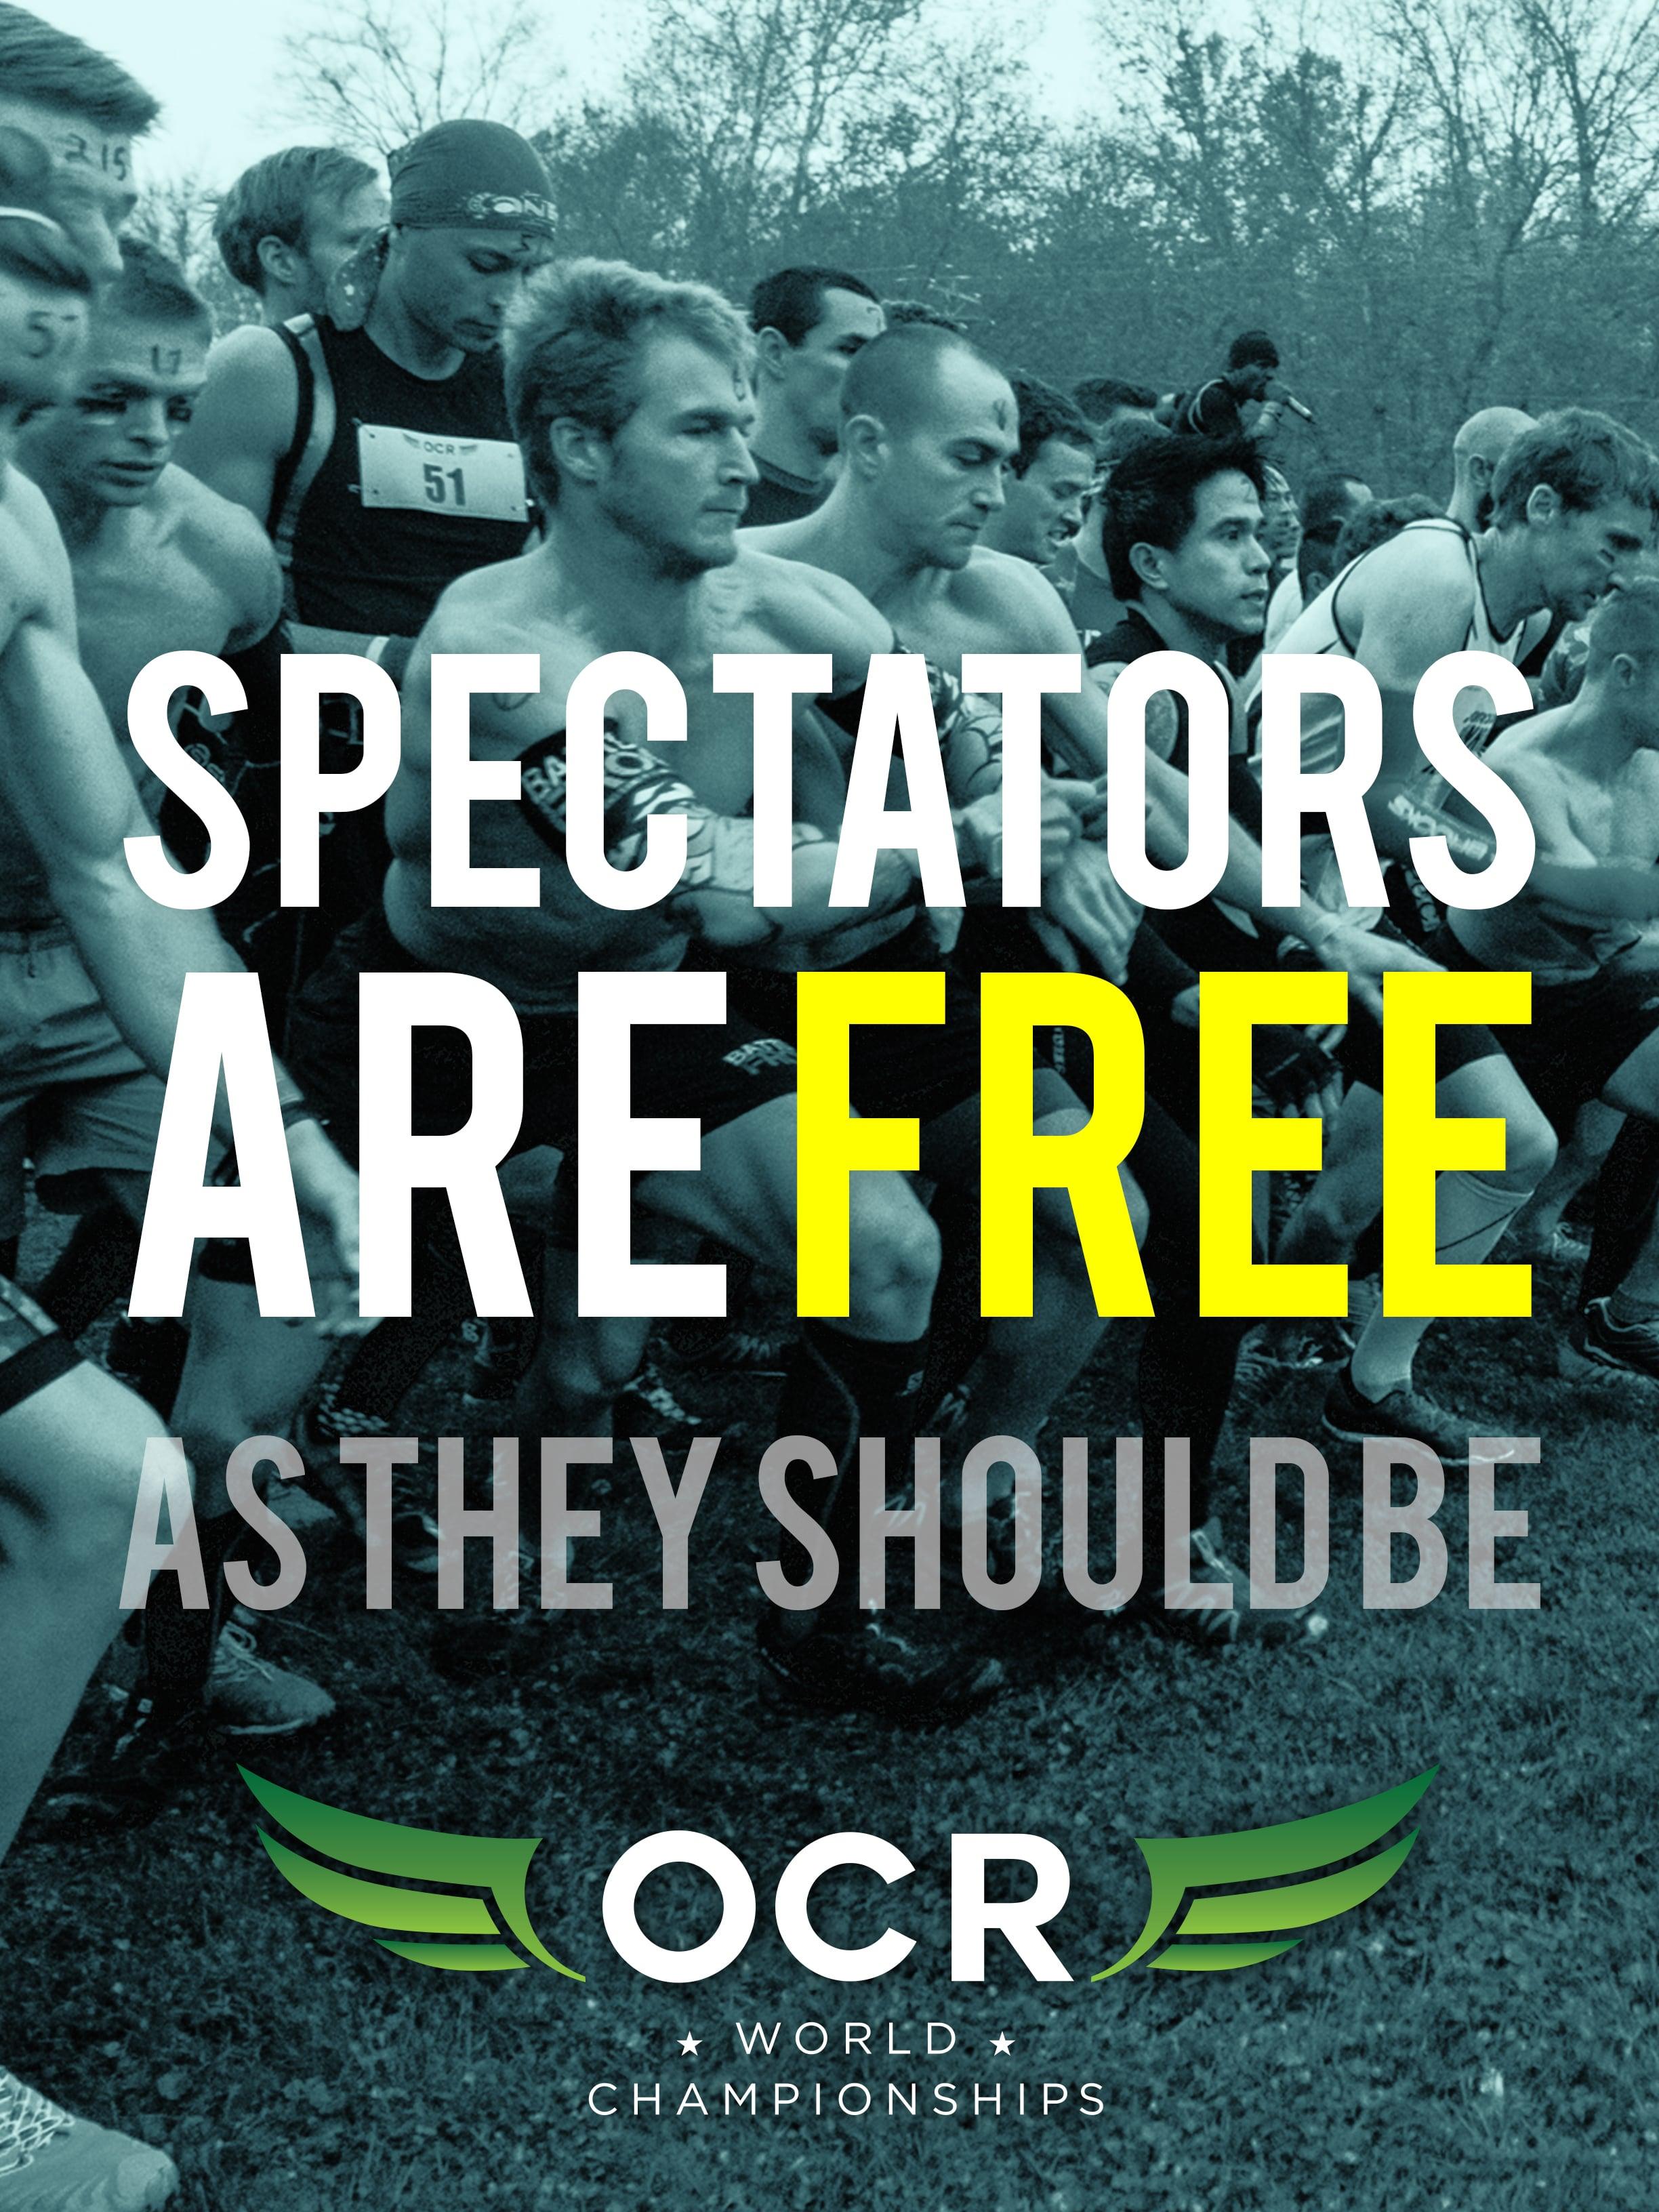 SPECTATORS_FREE_v3.jpg